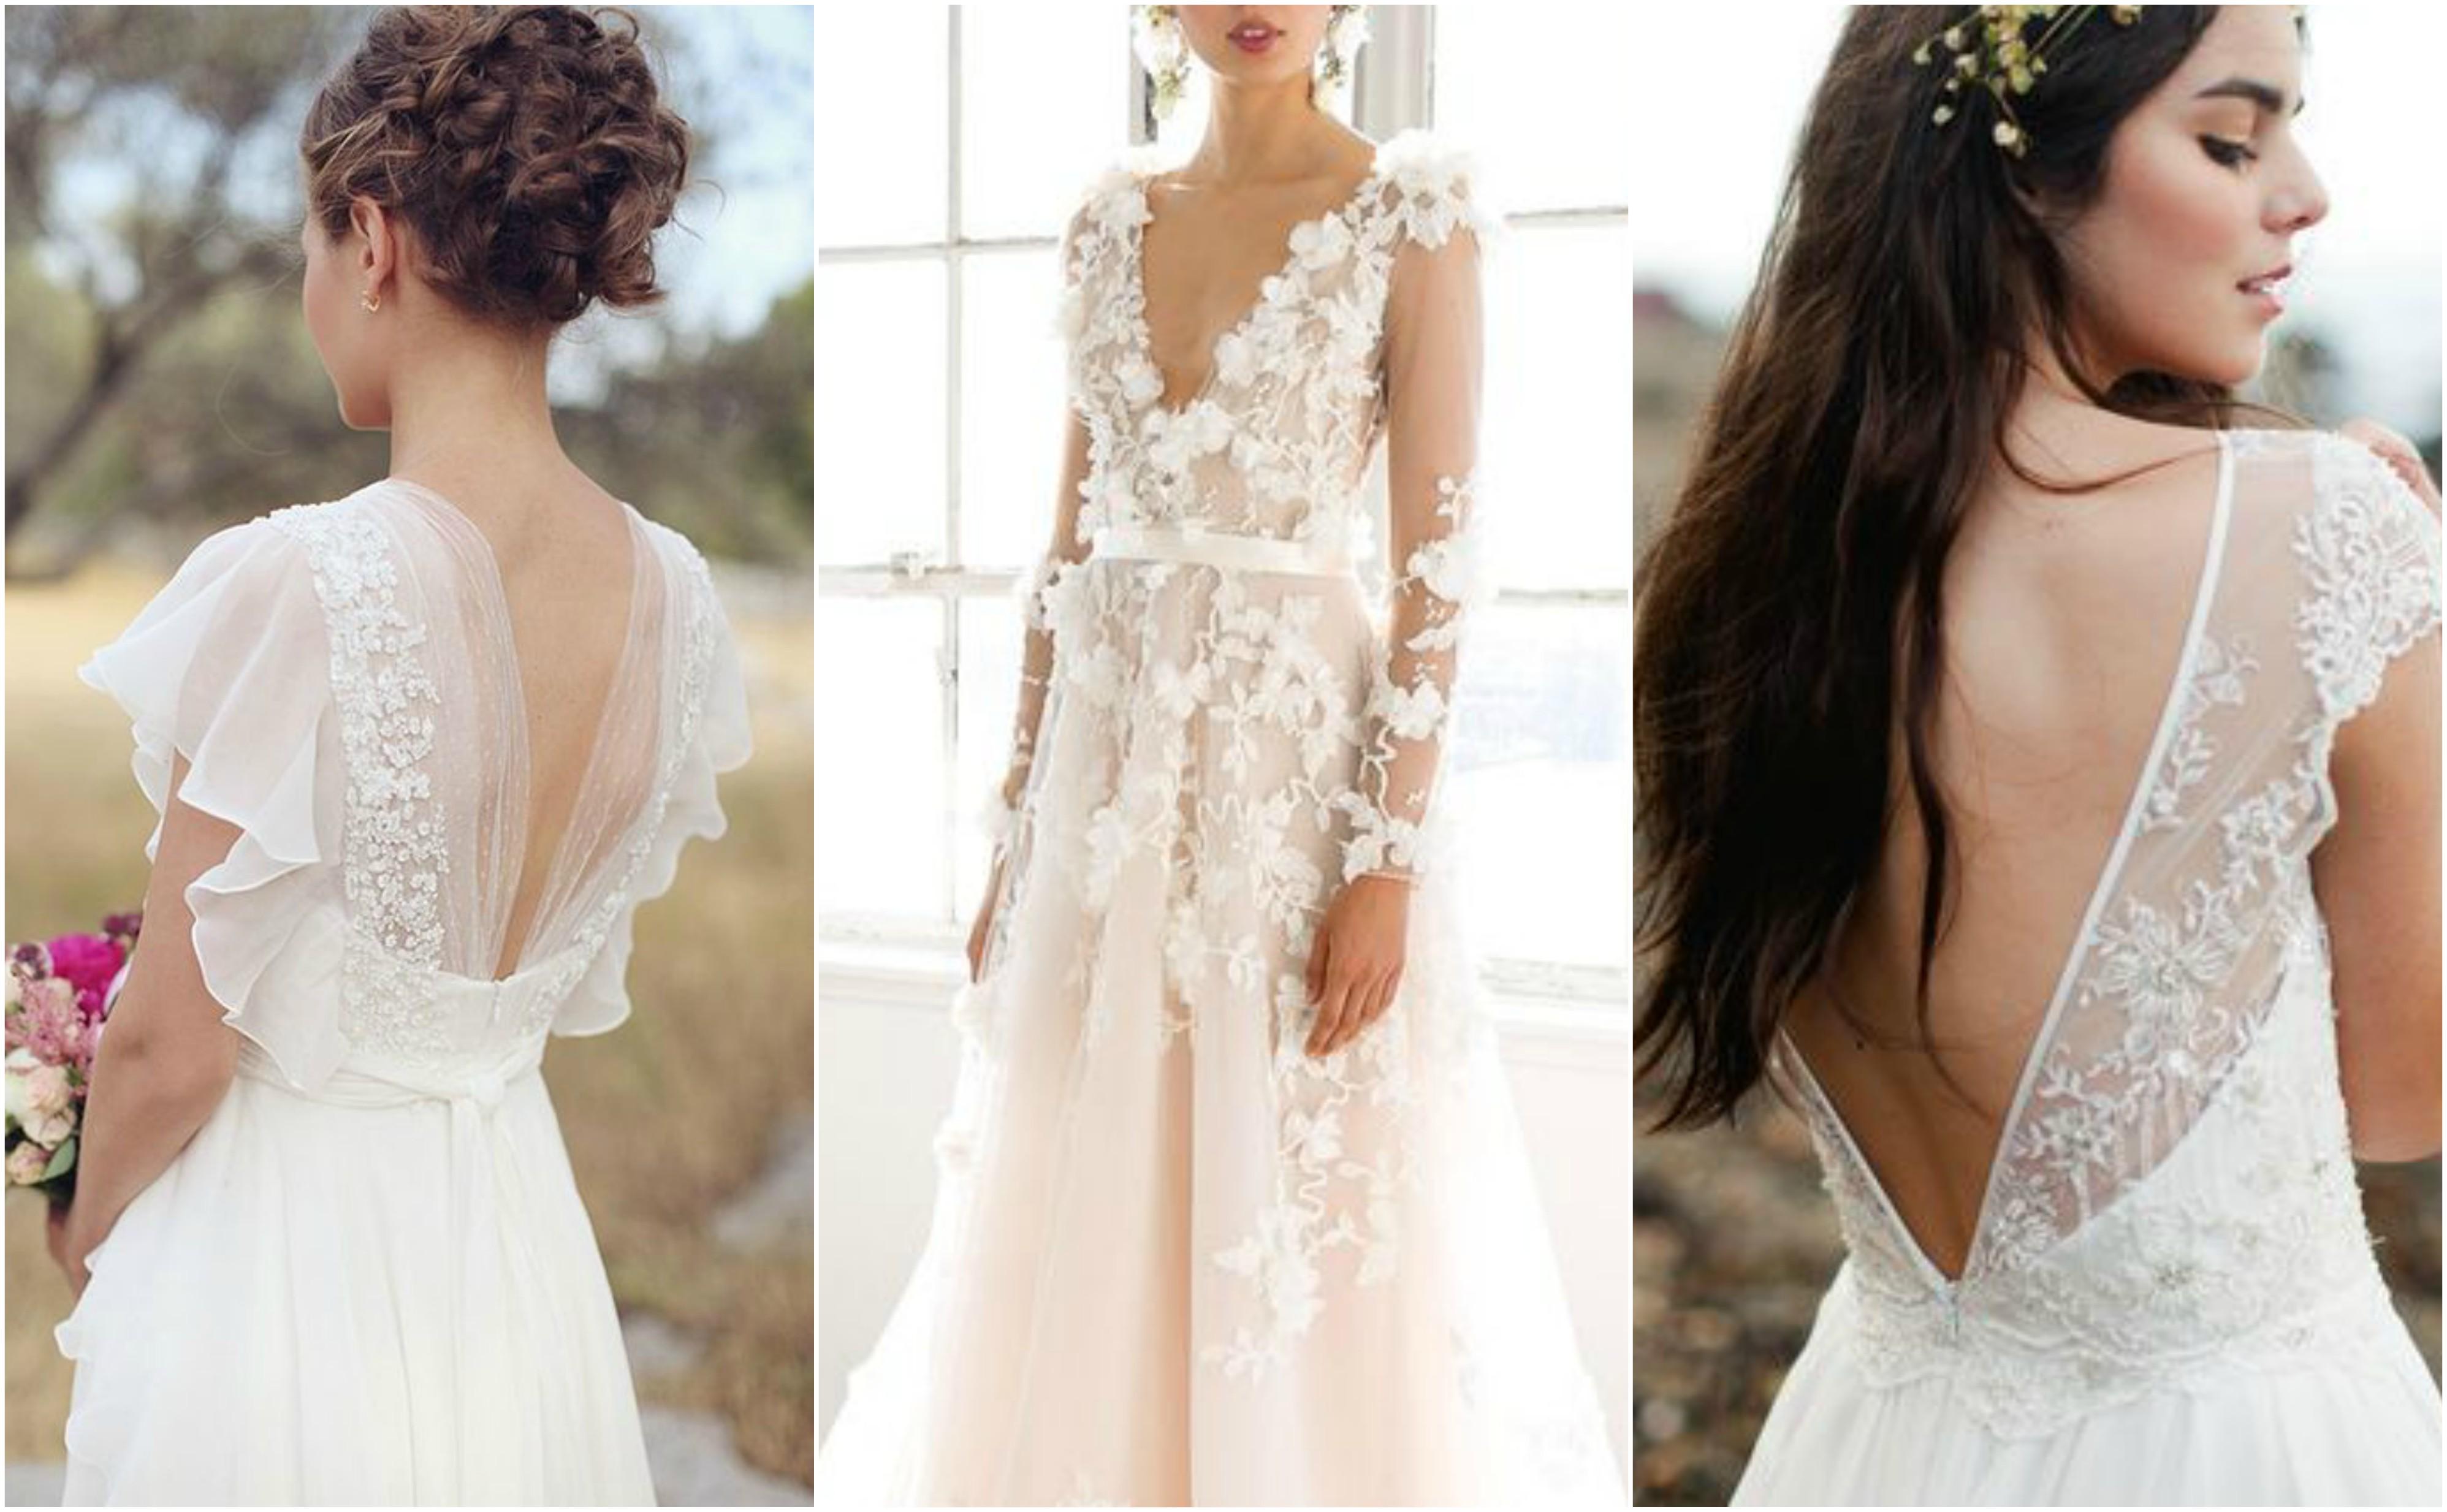 vestido-noiva-casamento-joiasgold